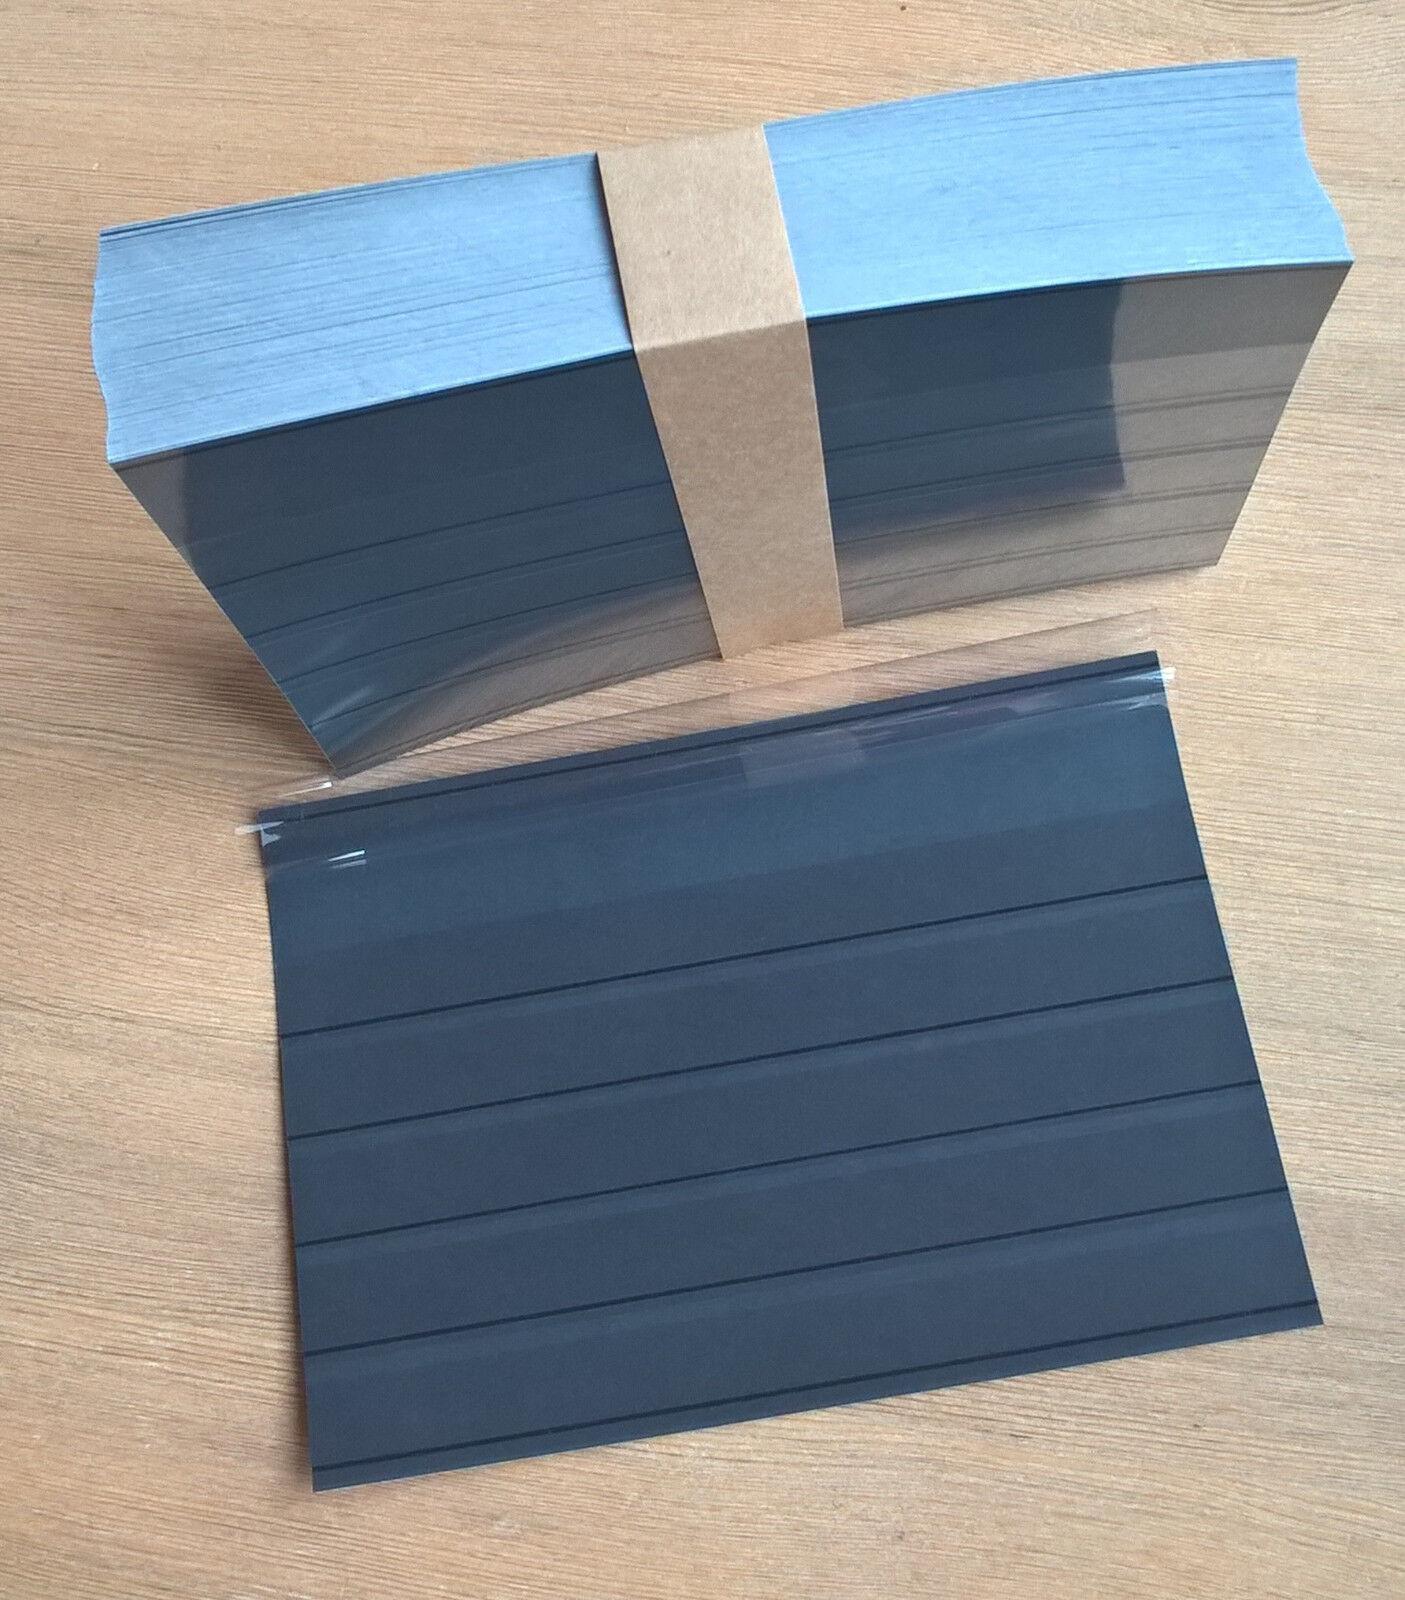 25, 50,100, 500 Leuchtturm-Einsteckkarten A5 mit Deckfolie, 5 Streifen